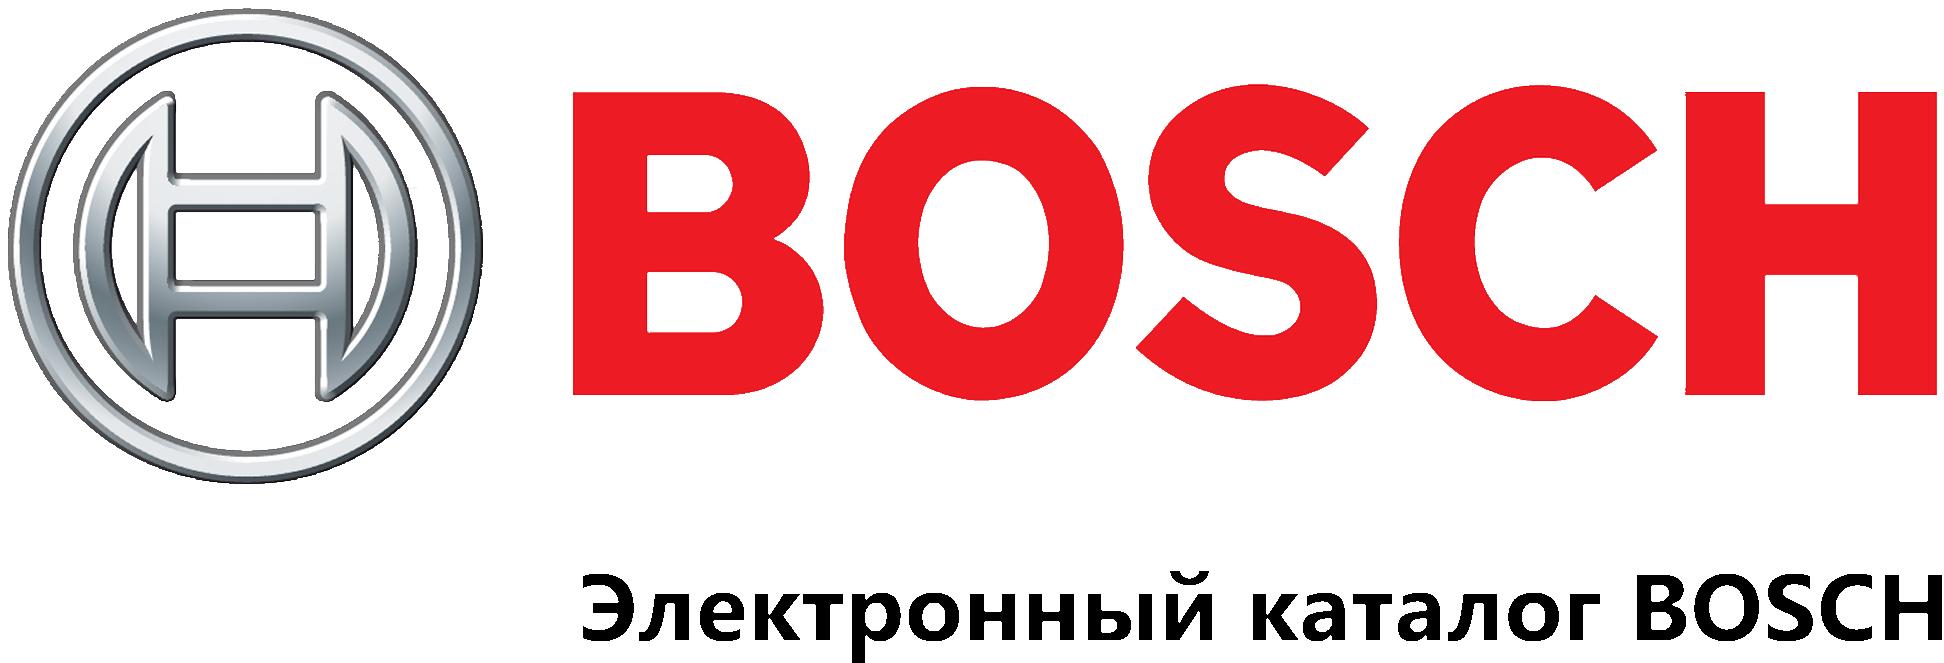 https://eventus24.ru/zapchasti-dlya-kotlov/zapchasti-k-kotlam-buderus-i-bosch/vzryvnye-chertezhi-i-specifikacii-k-kotlam-buderus-i-bosch